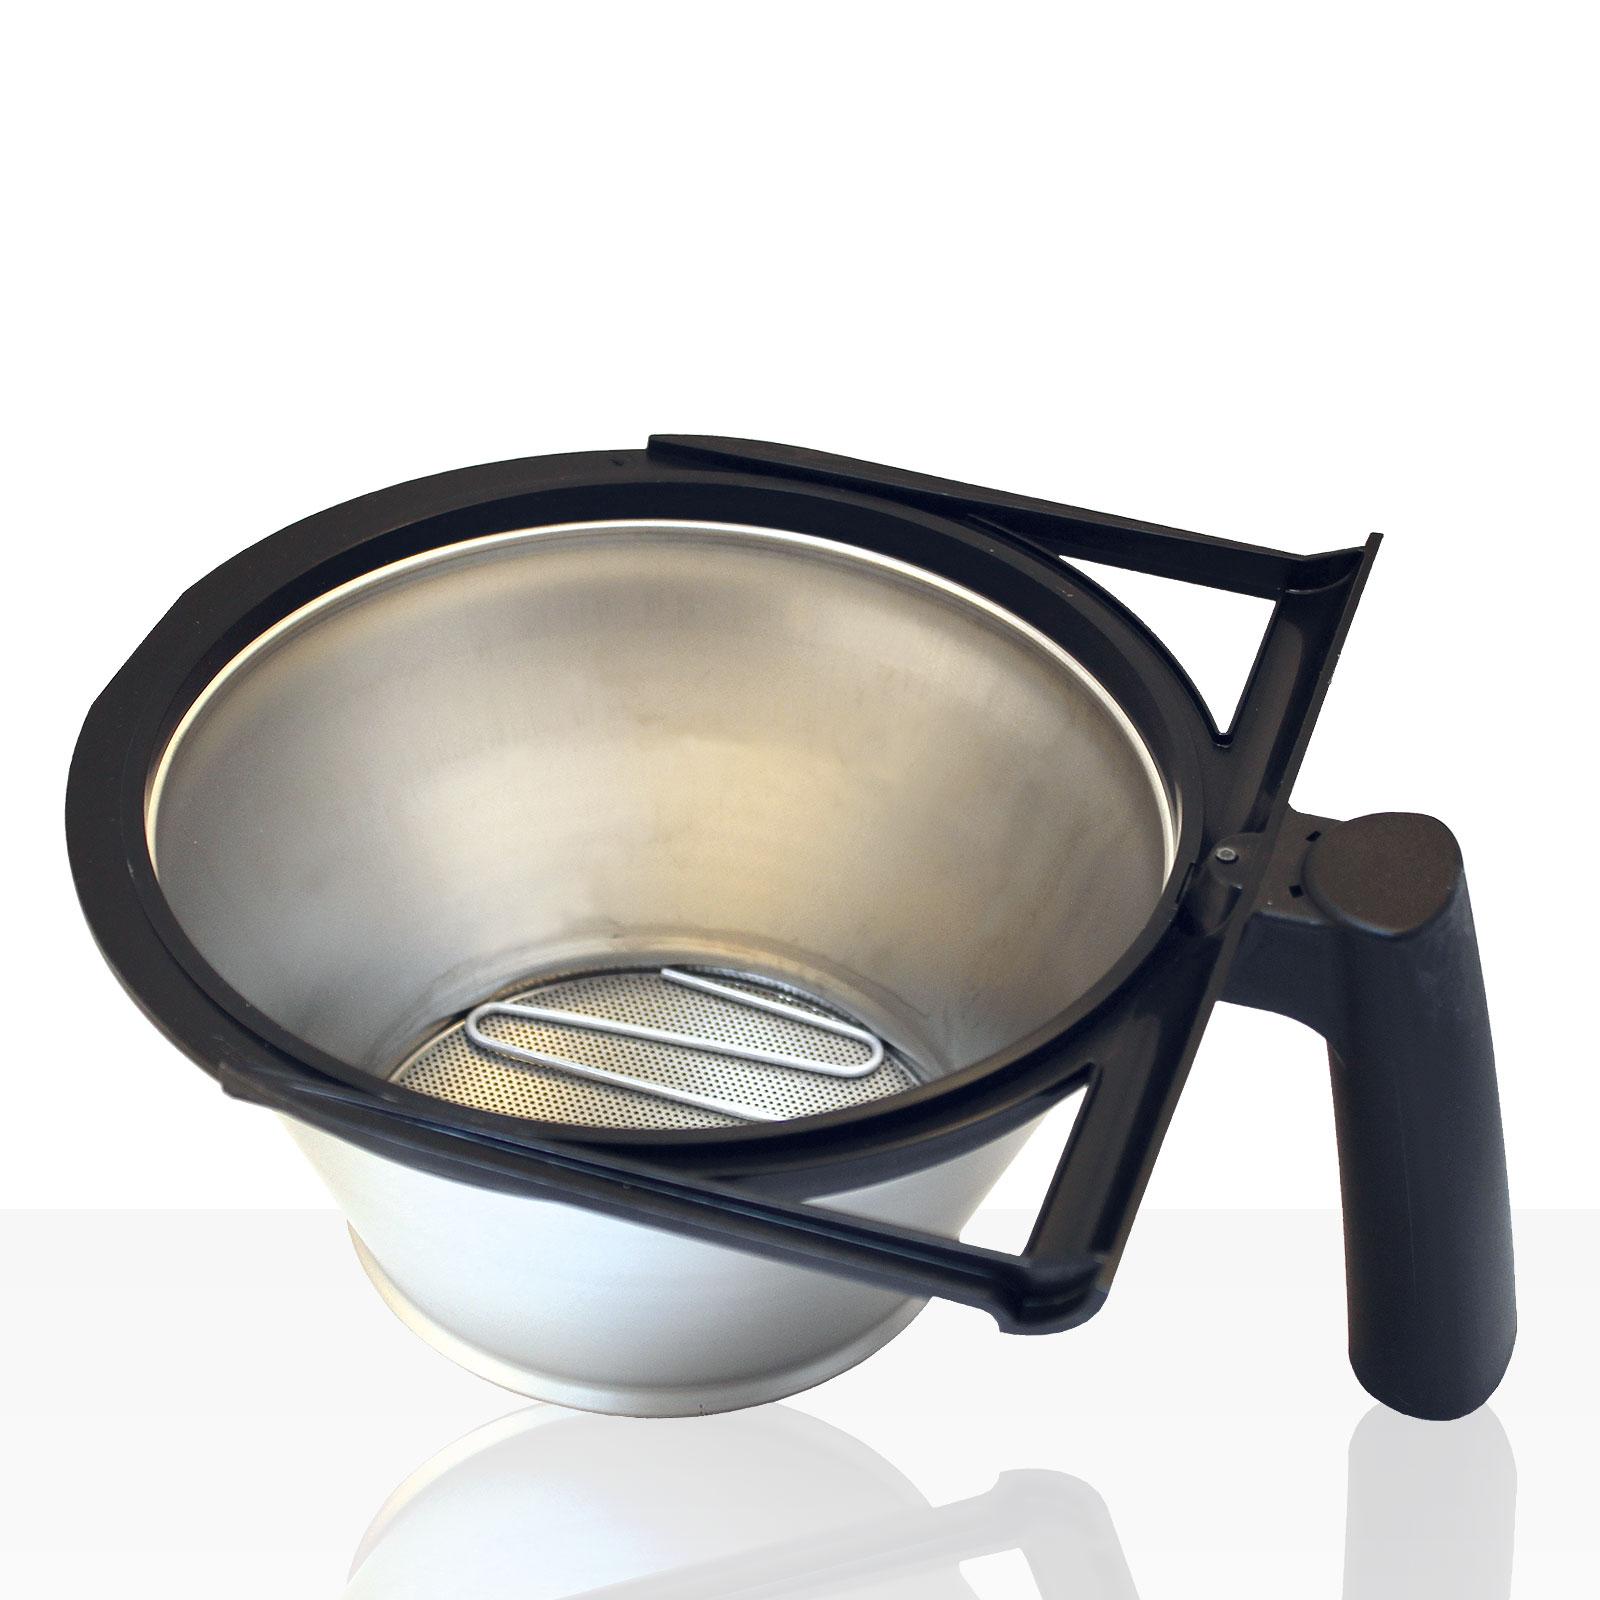 Bonamat Teefilterpfanne, Filterpfanne für Tee, für Mondo, Matic und TH